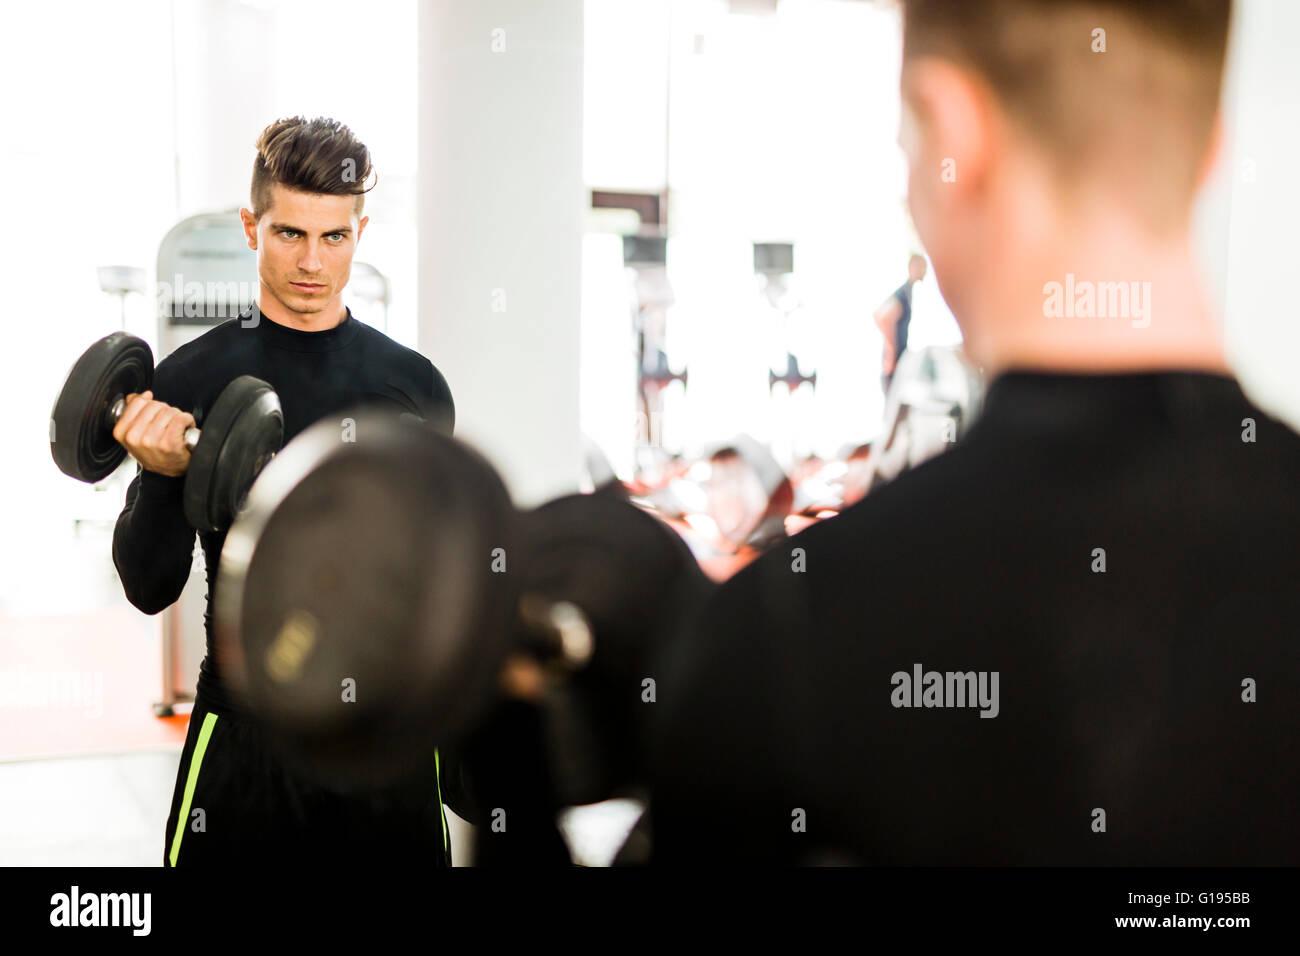 Muscolare giovane uomo che lavora in una palestra e sollevamento pesi con la sua riflessione che mostra in uno specchio Immagini Stock